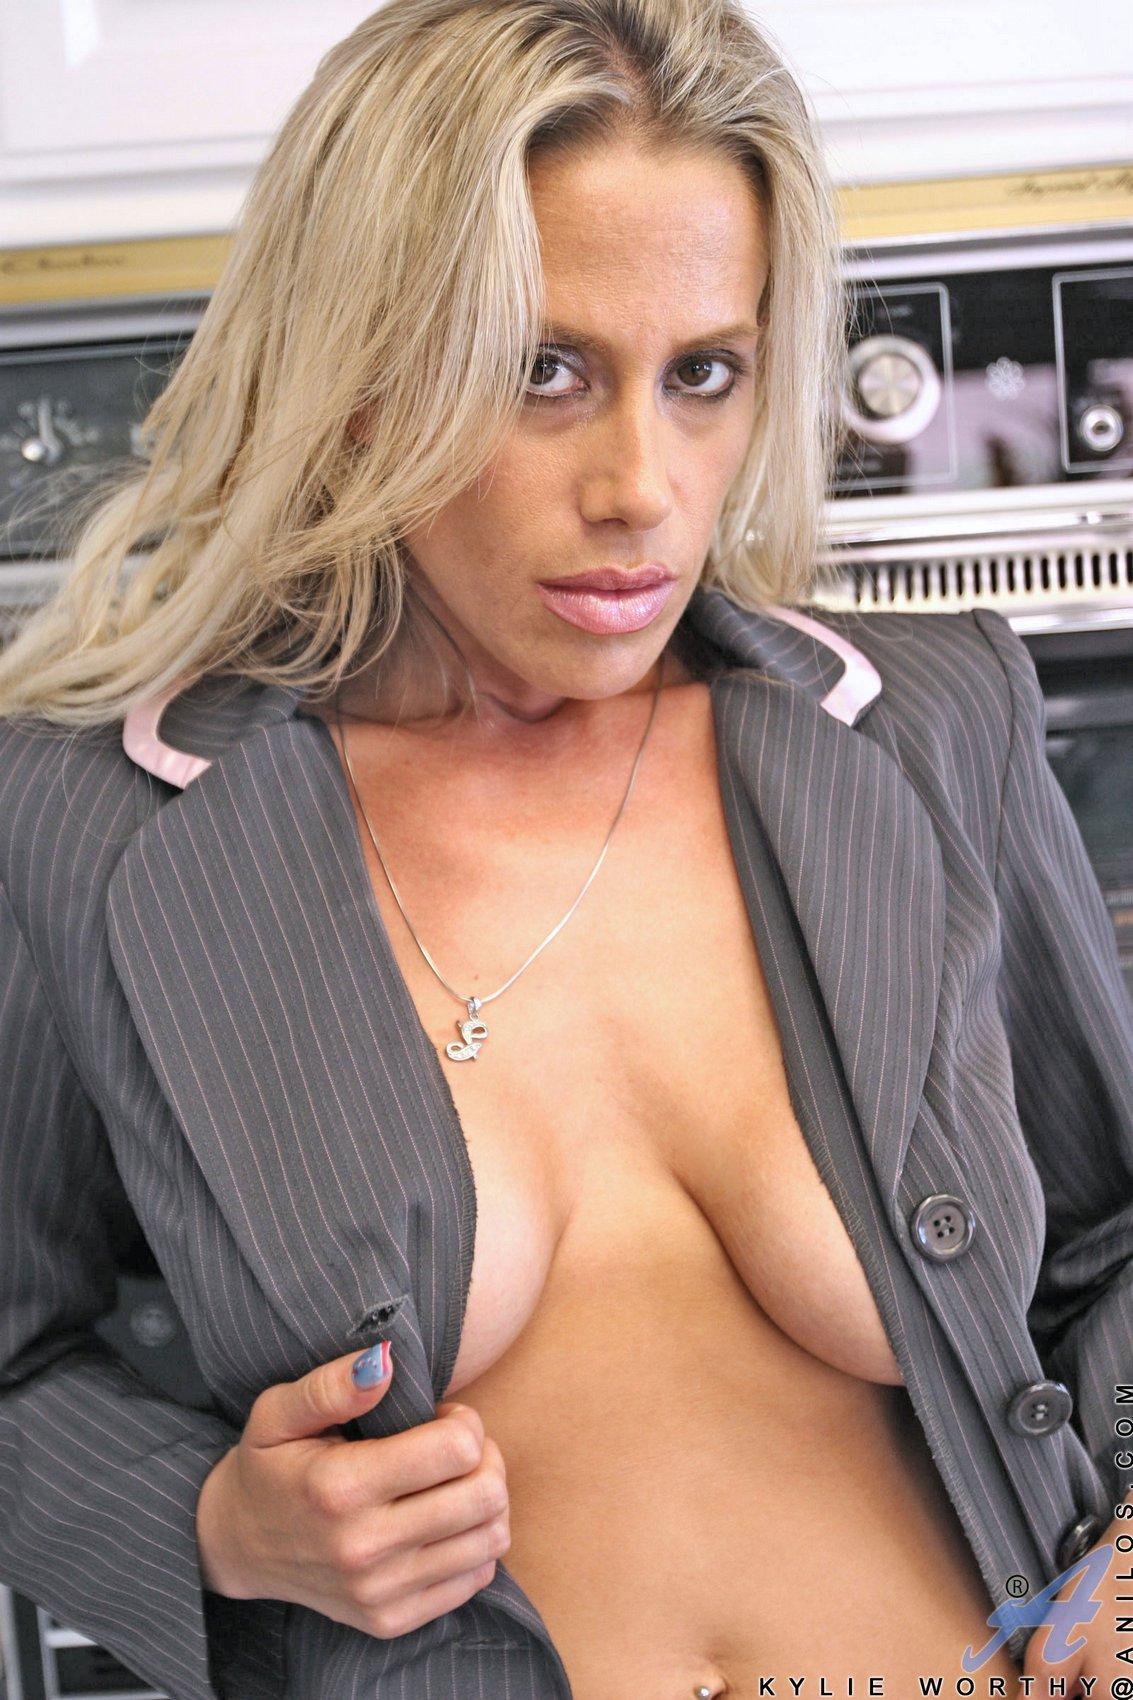 kylie worthy strips in the kitchen my pornstar book